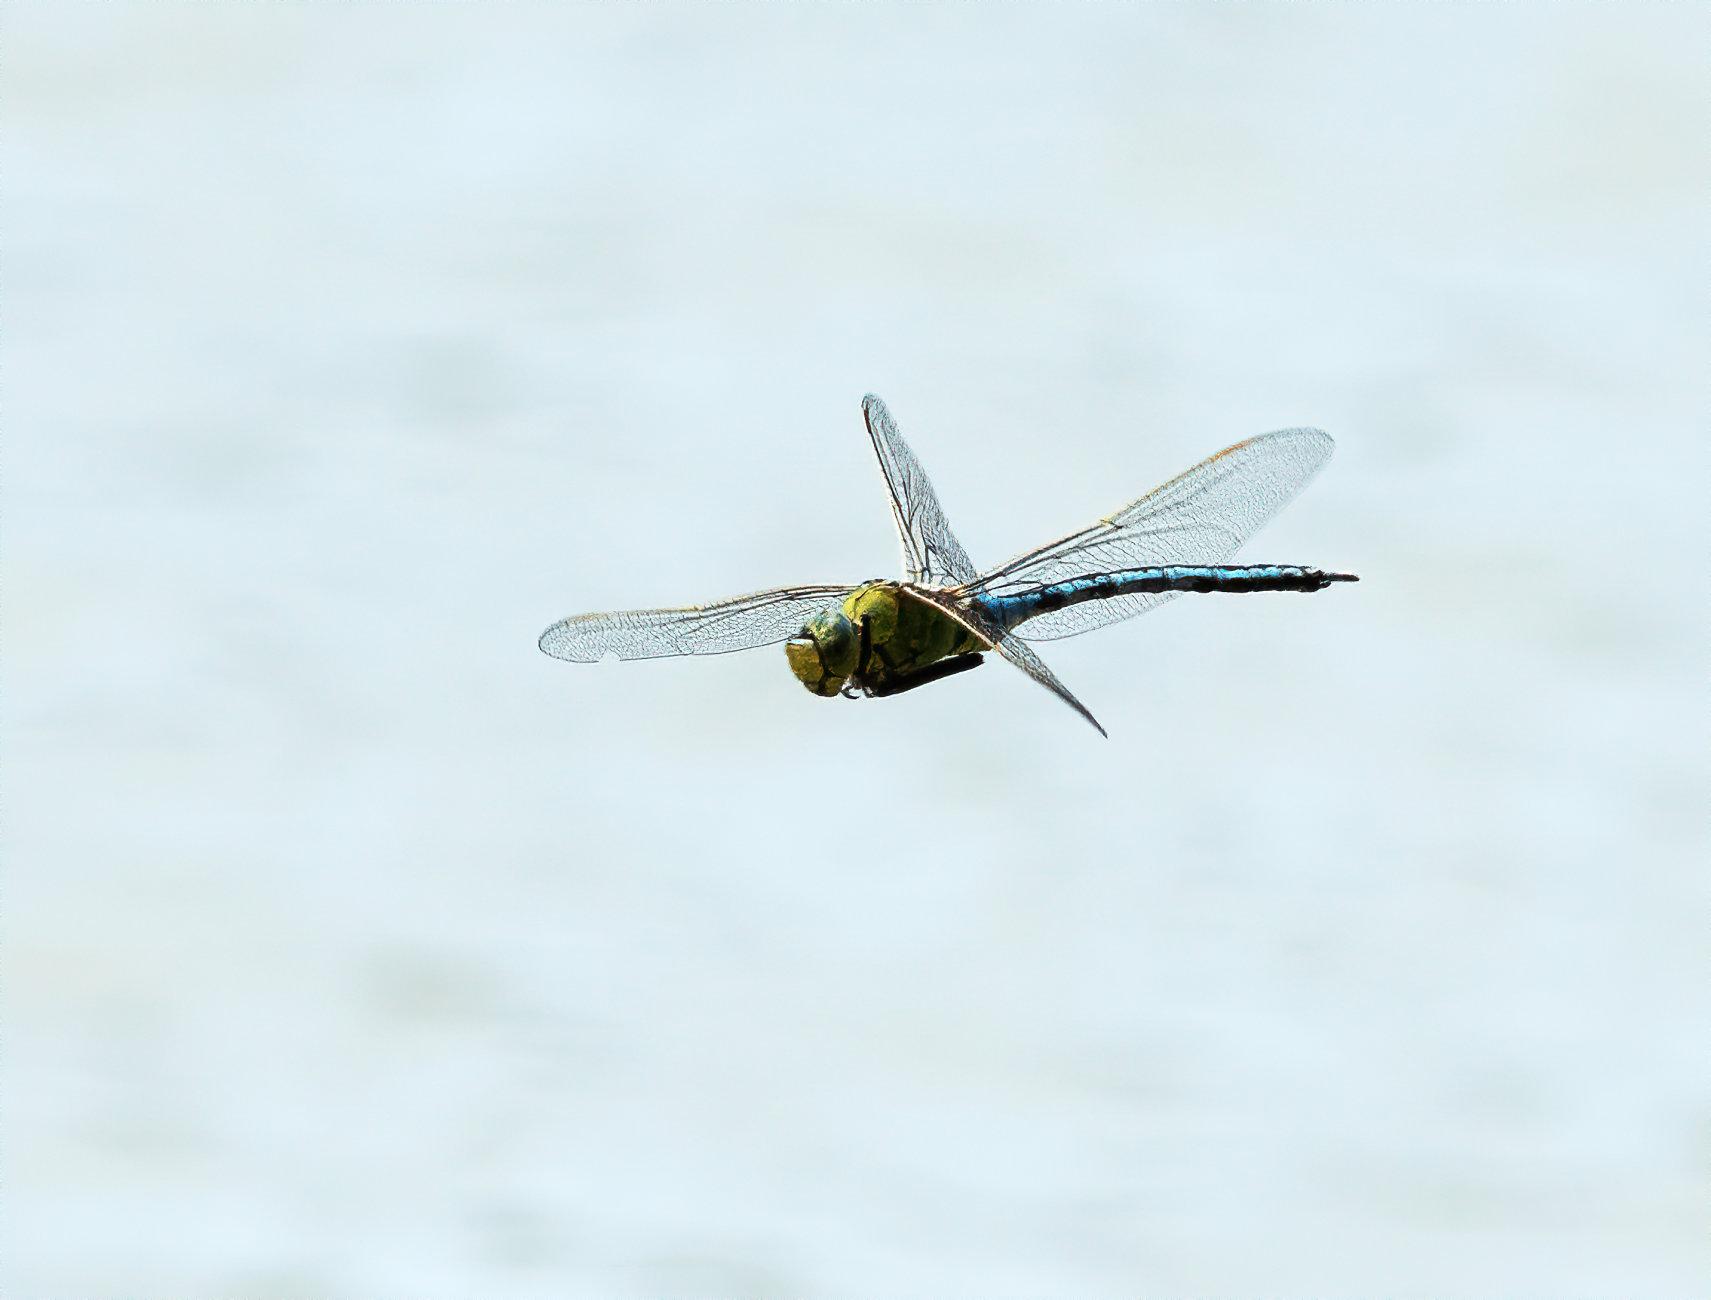 Dragon Fly in Flight